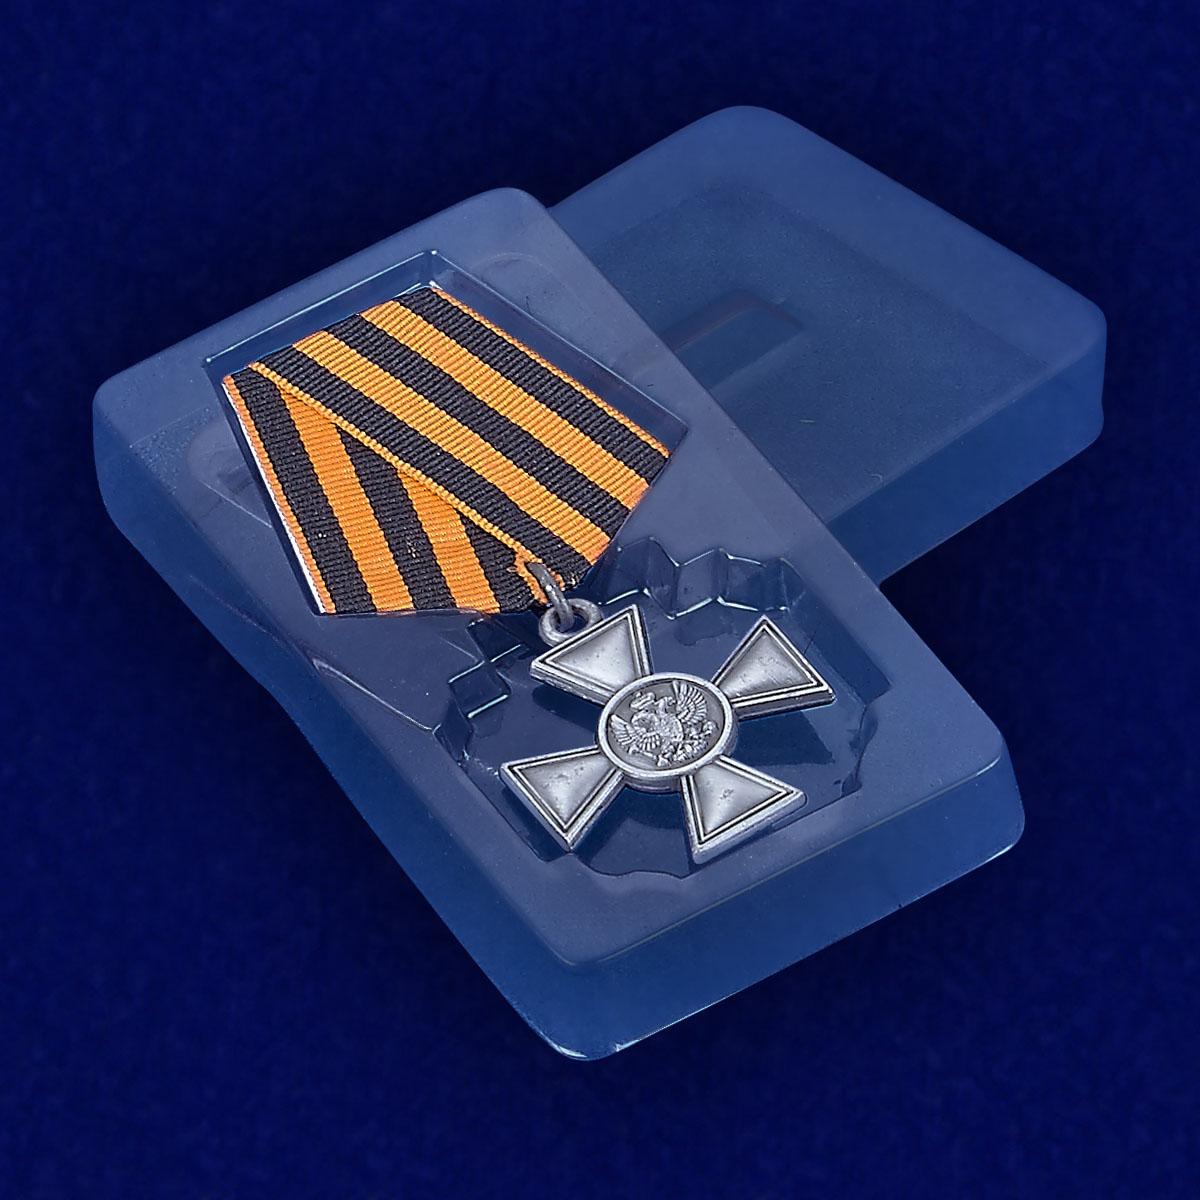 Георгиевский крест для иноверцев IV степени - вид в футляре